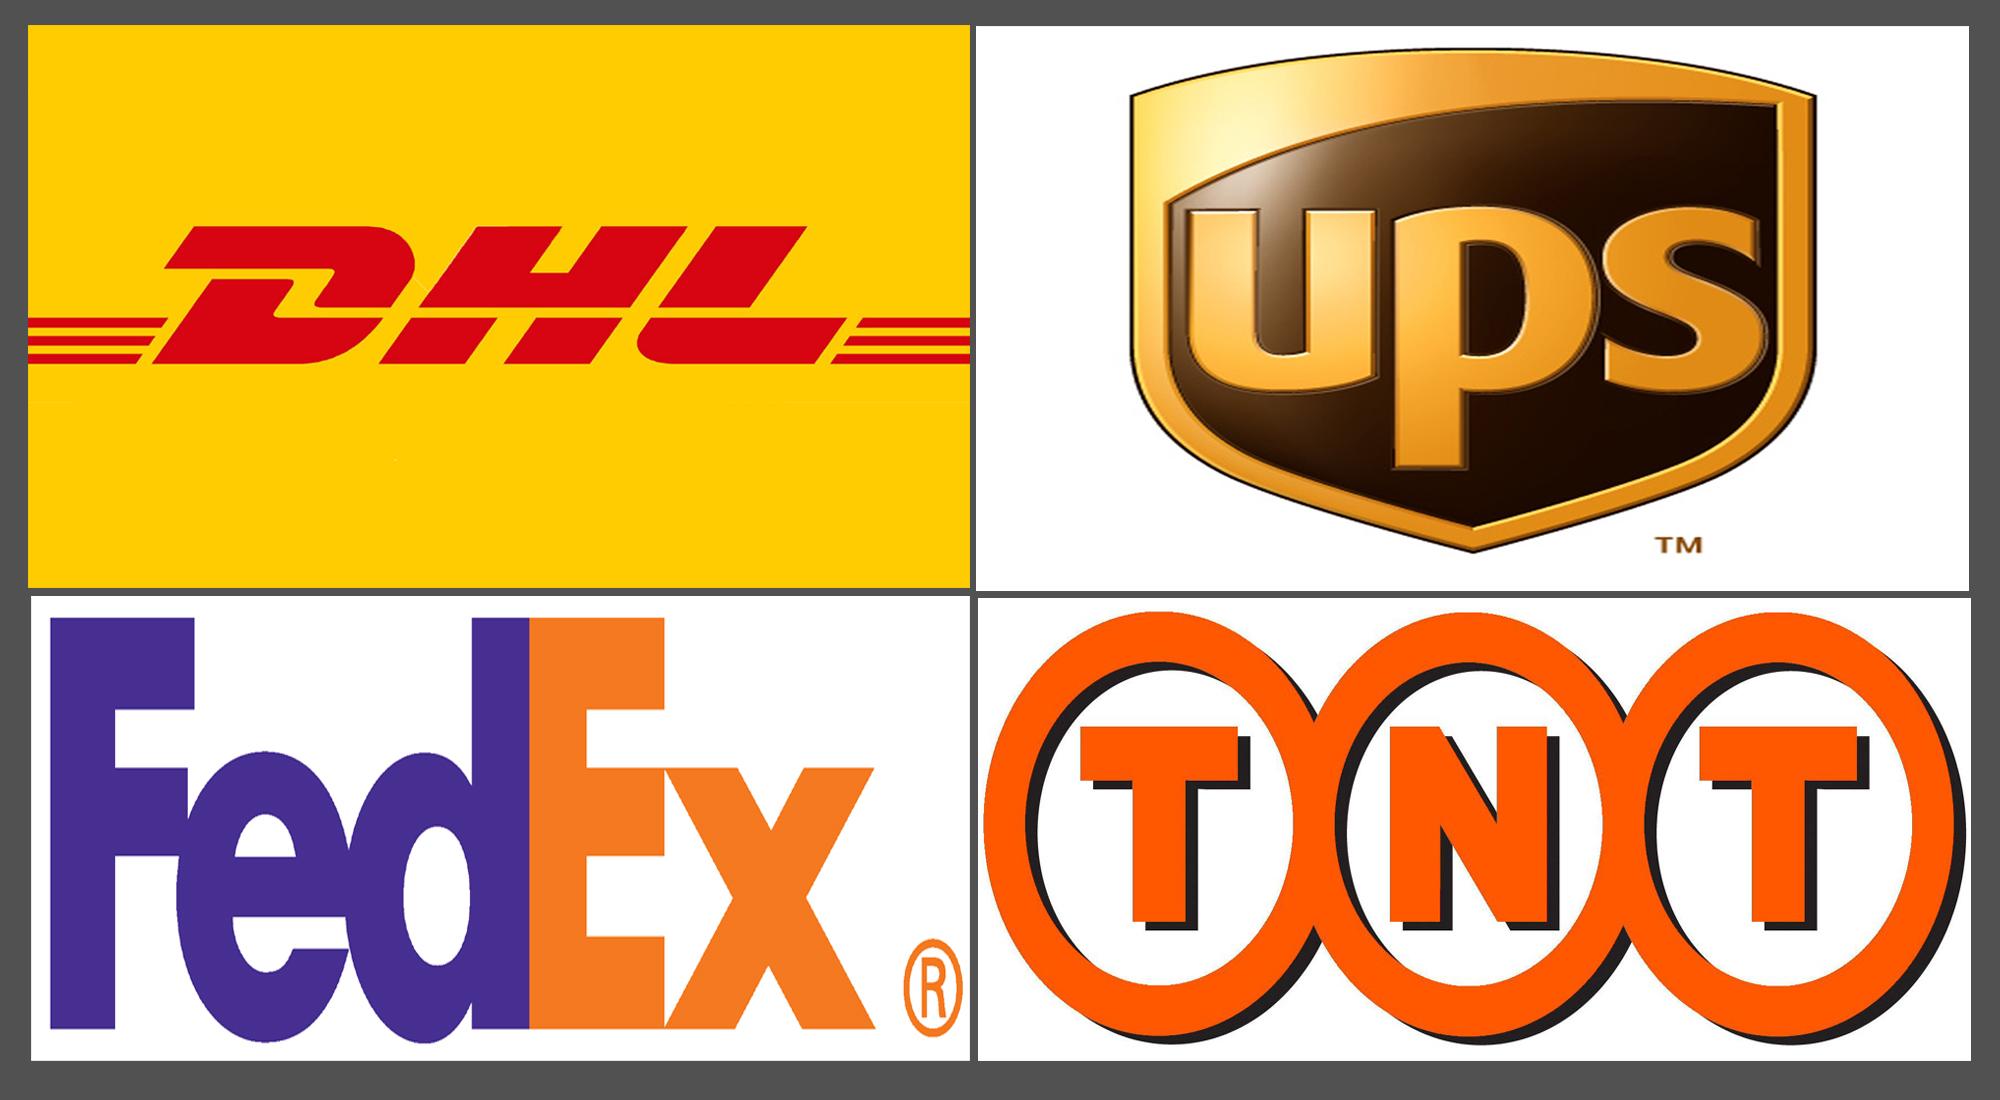 Dịch vụ chuyển phát nhanh từ Hà Nội đi Mobile giá rẻ, tiết kiệm, uy tín